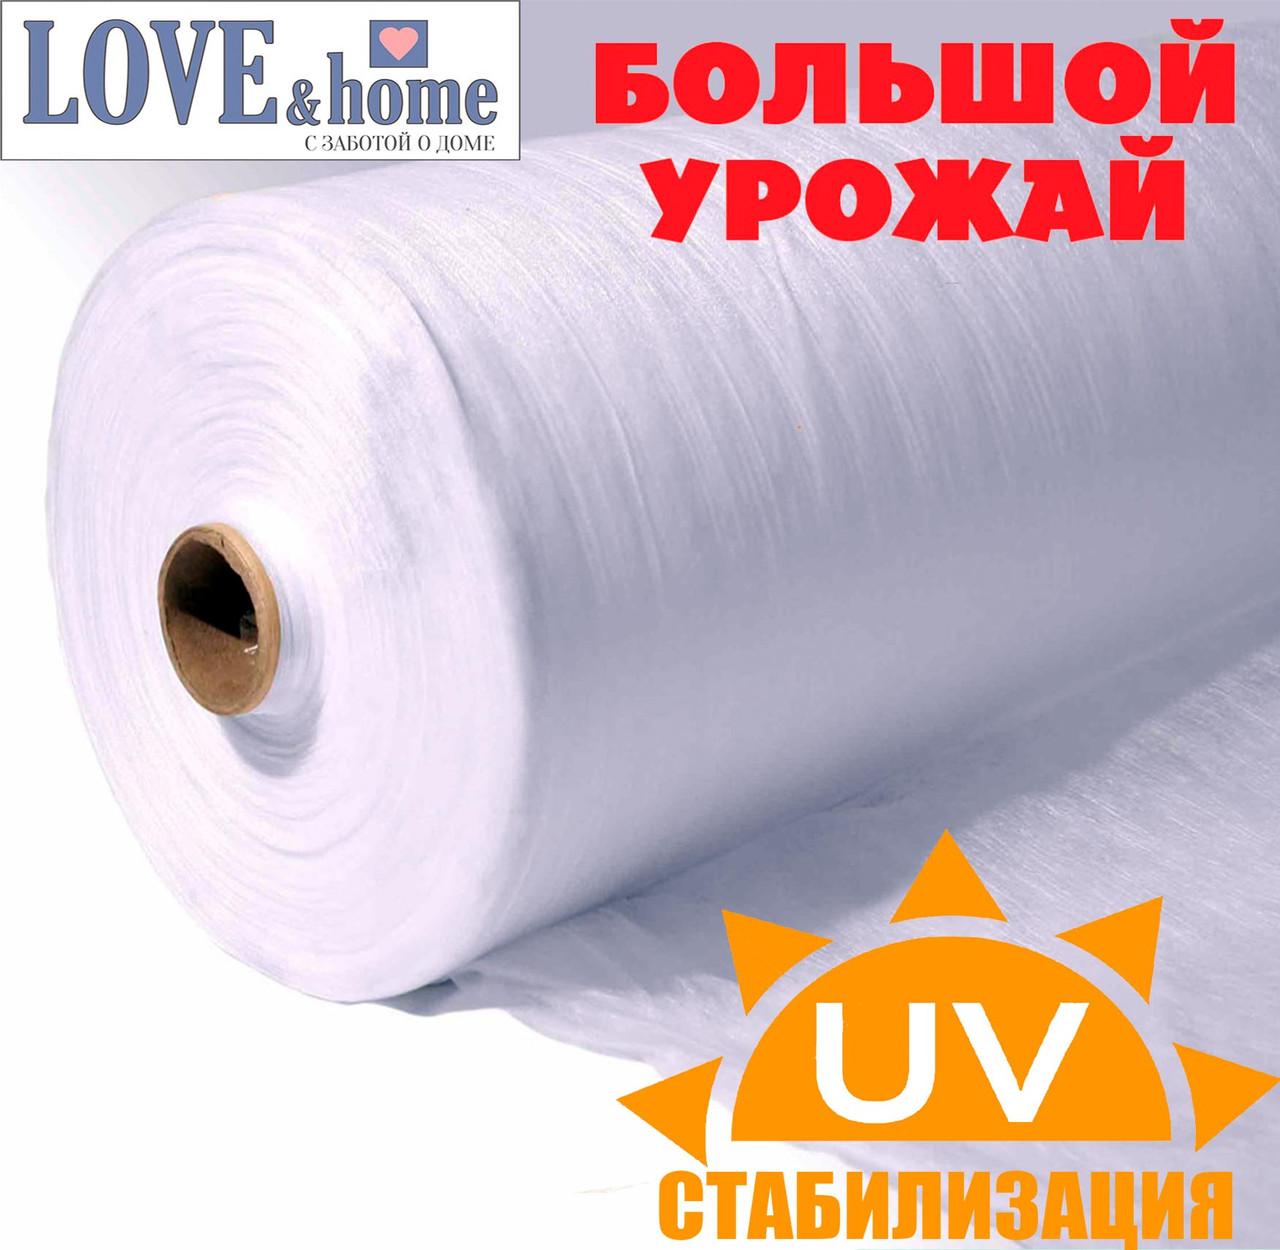 Агроволокно біле, щільність 50г/м2. ширина 3.2 м. довжина 100м.